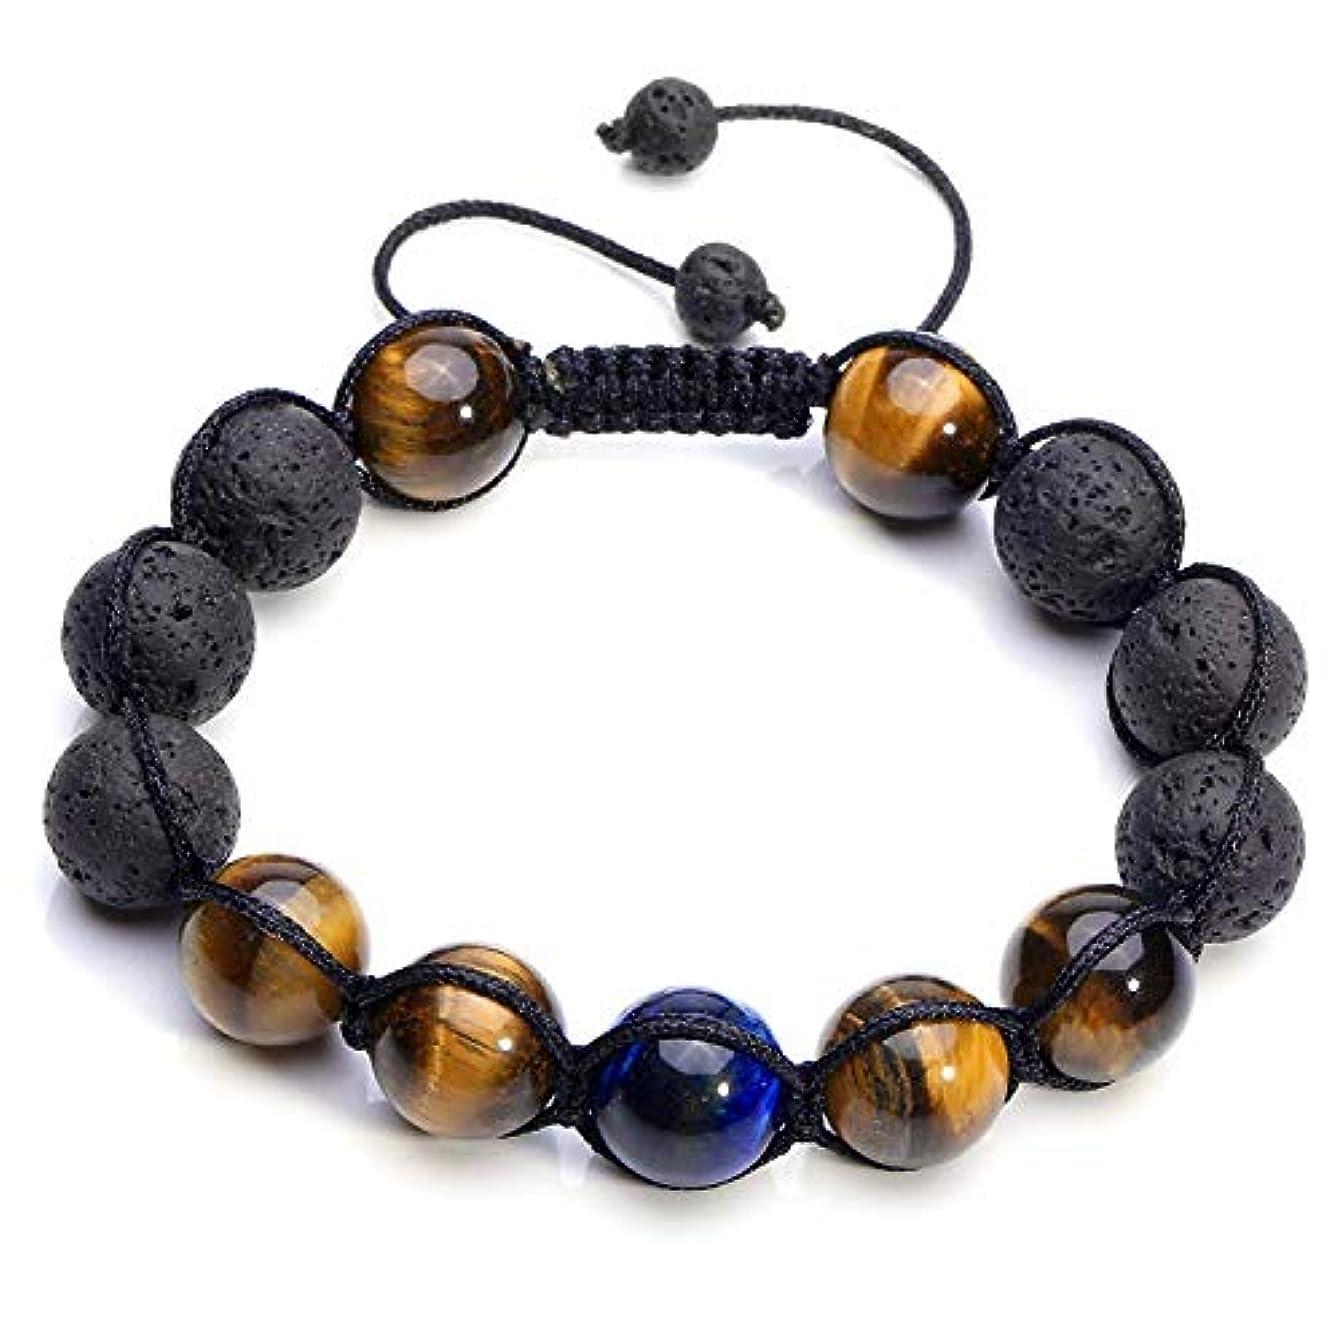 瞑想レクリエーションガレージcrystaltears Adjustable Tiger Eye & Calm Lava Stone Diffuserブレスレット – 瞑想、接地自己自信、アロマセラピー、ヒーリング、エッセンシャルオイル、